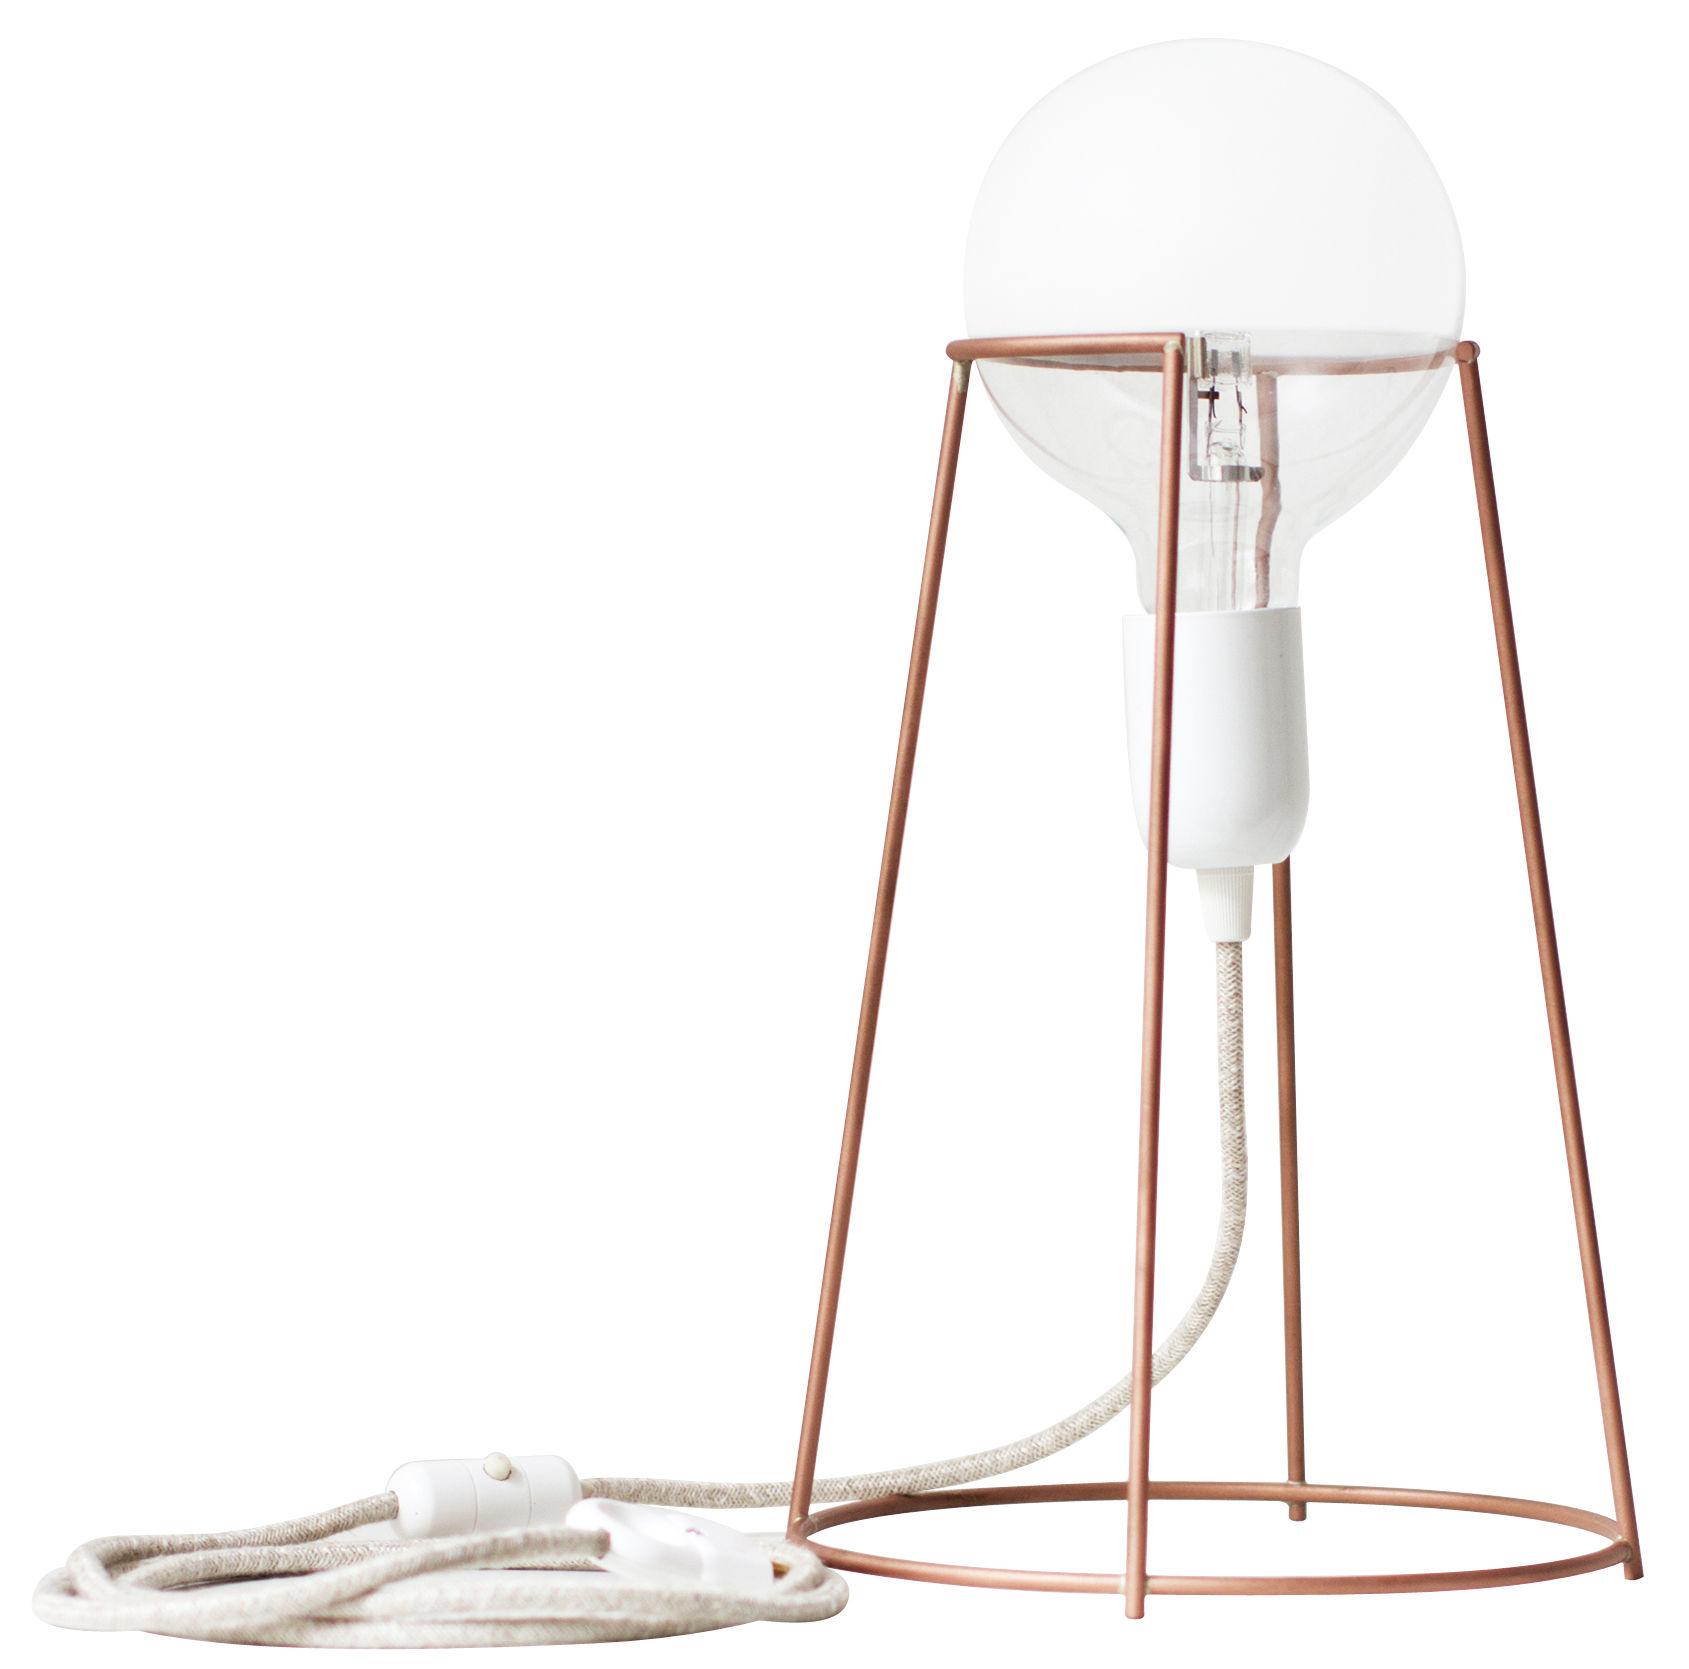 Luminaire - Lampes de table - Lampe de table Agraffé / H 37 cm - ENOstudio - Cuivre - Acier finition cuivre, Verre